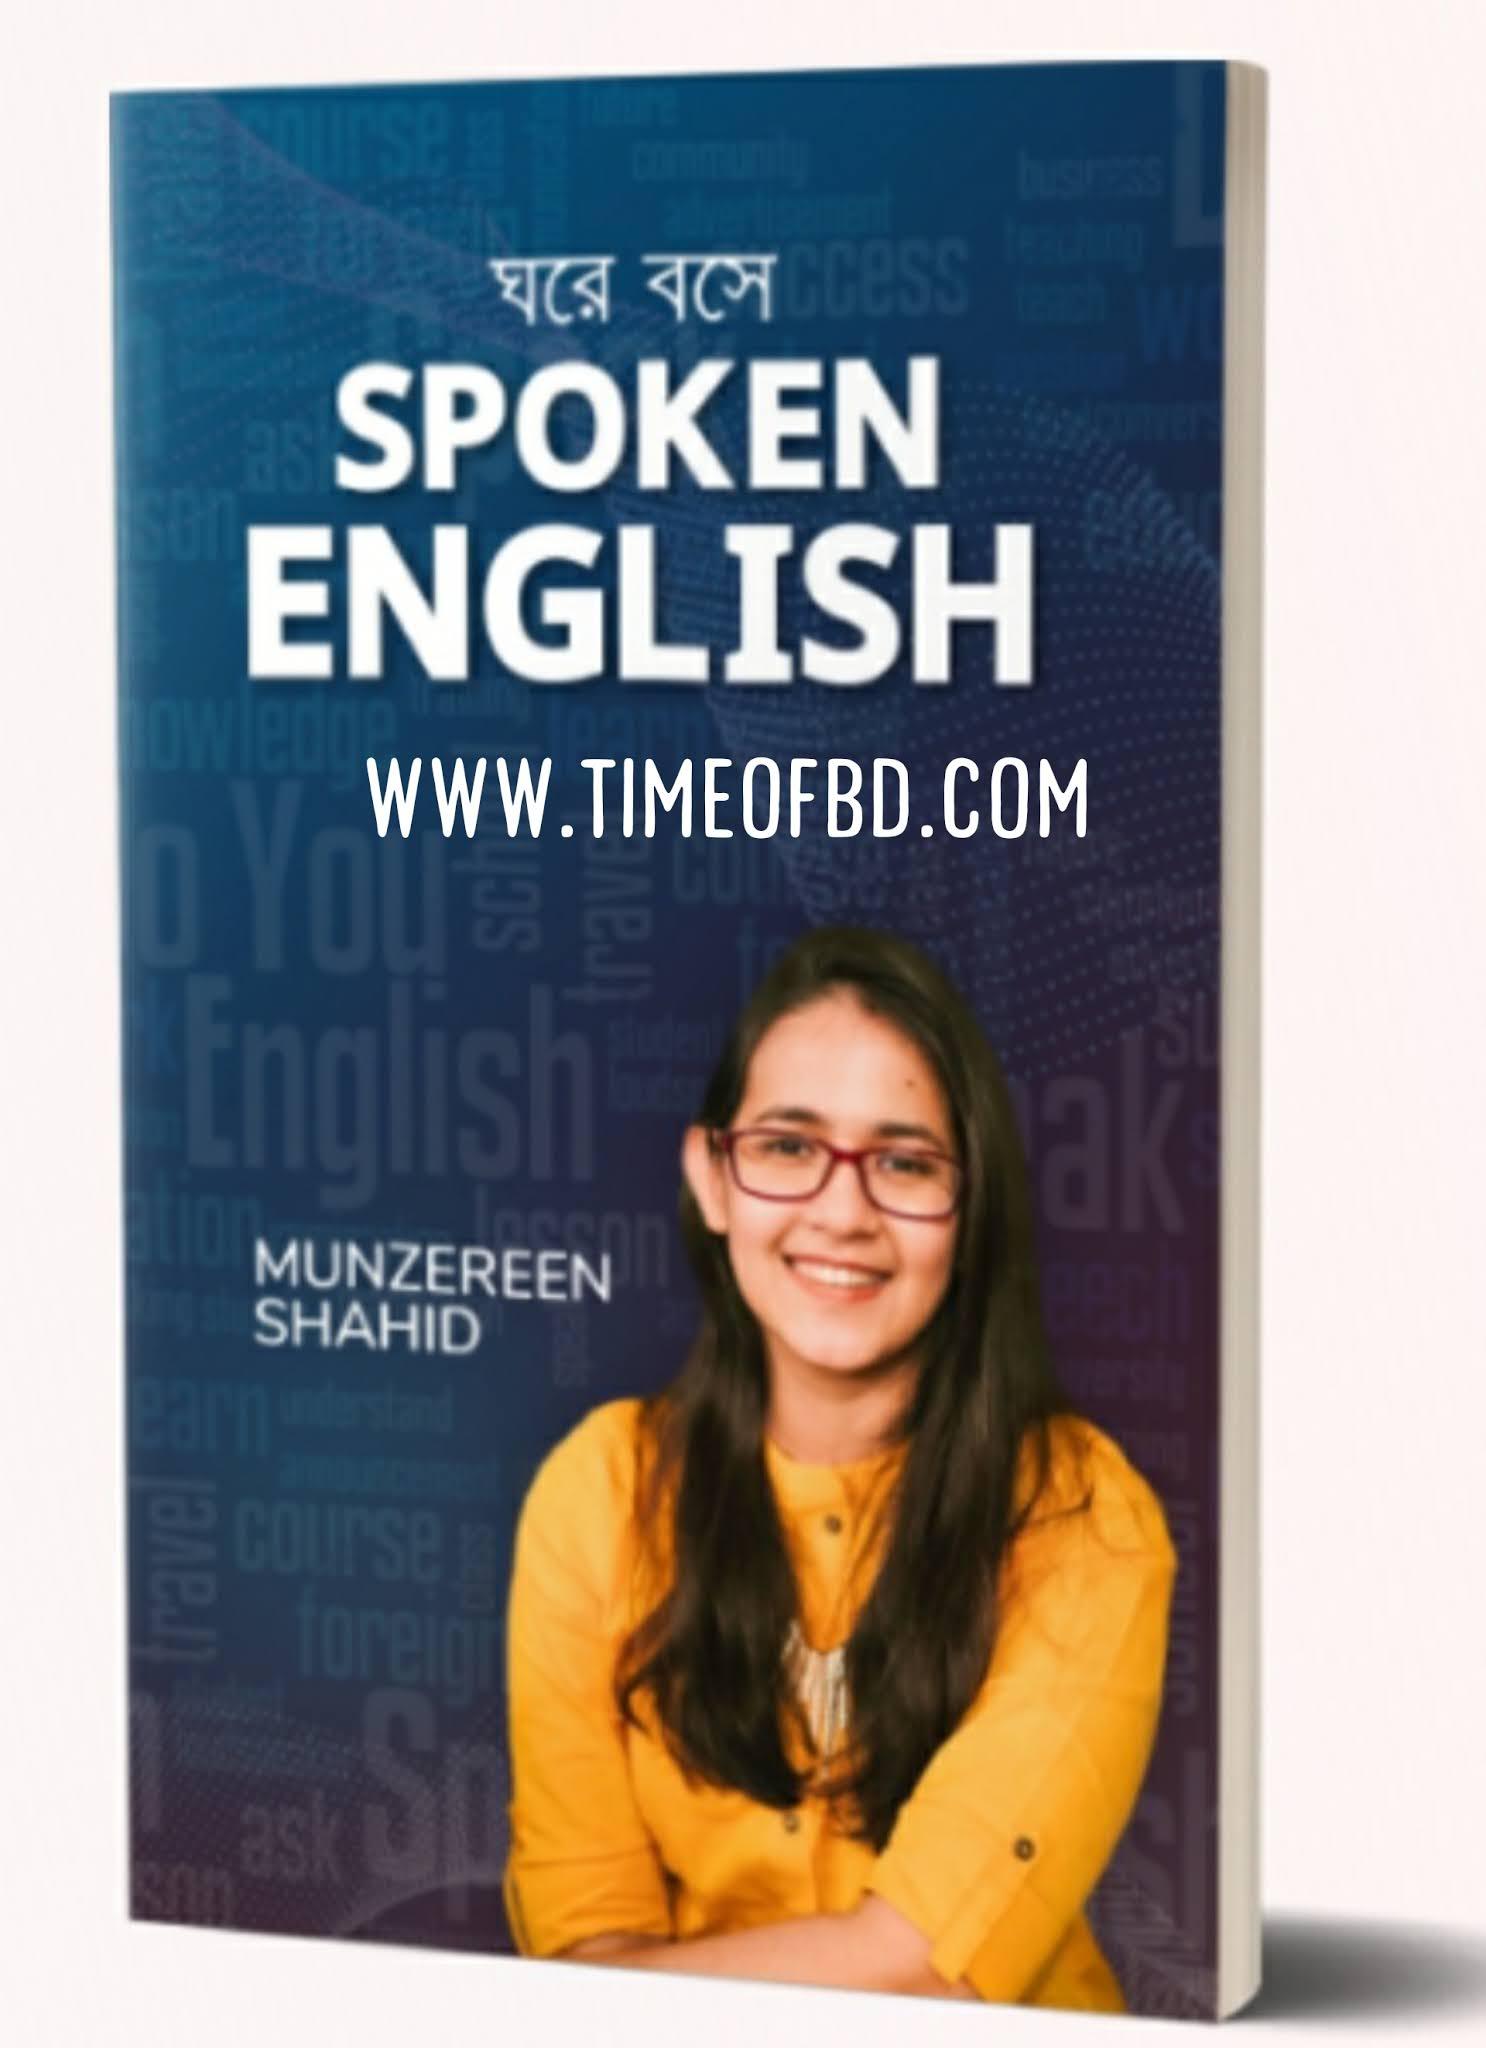 munzereen shahin book pdf download link, munzereen shahin book pdf, munzereen shahin book